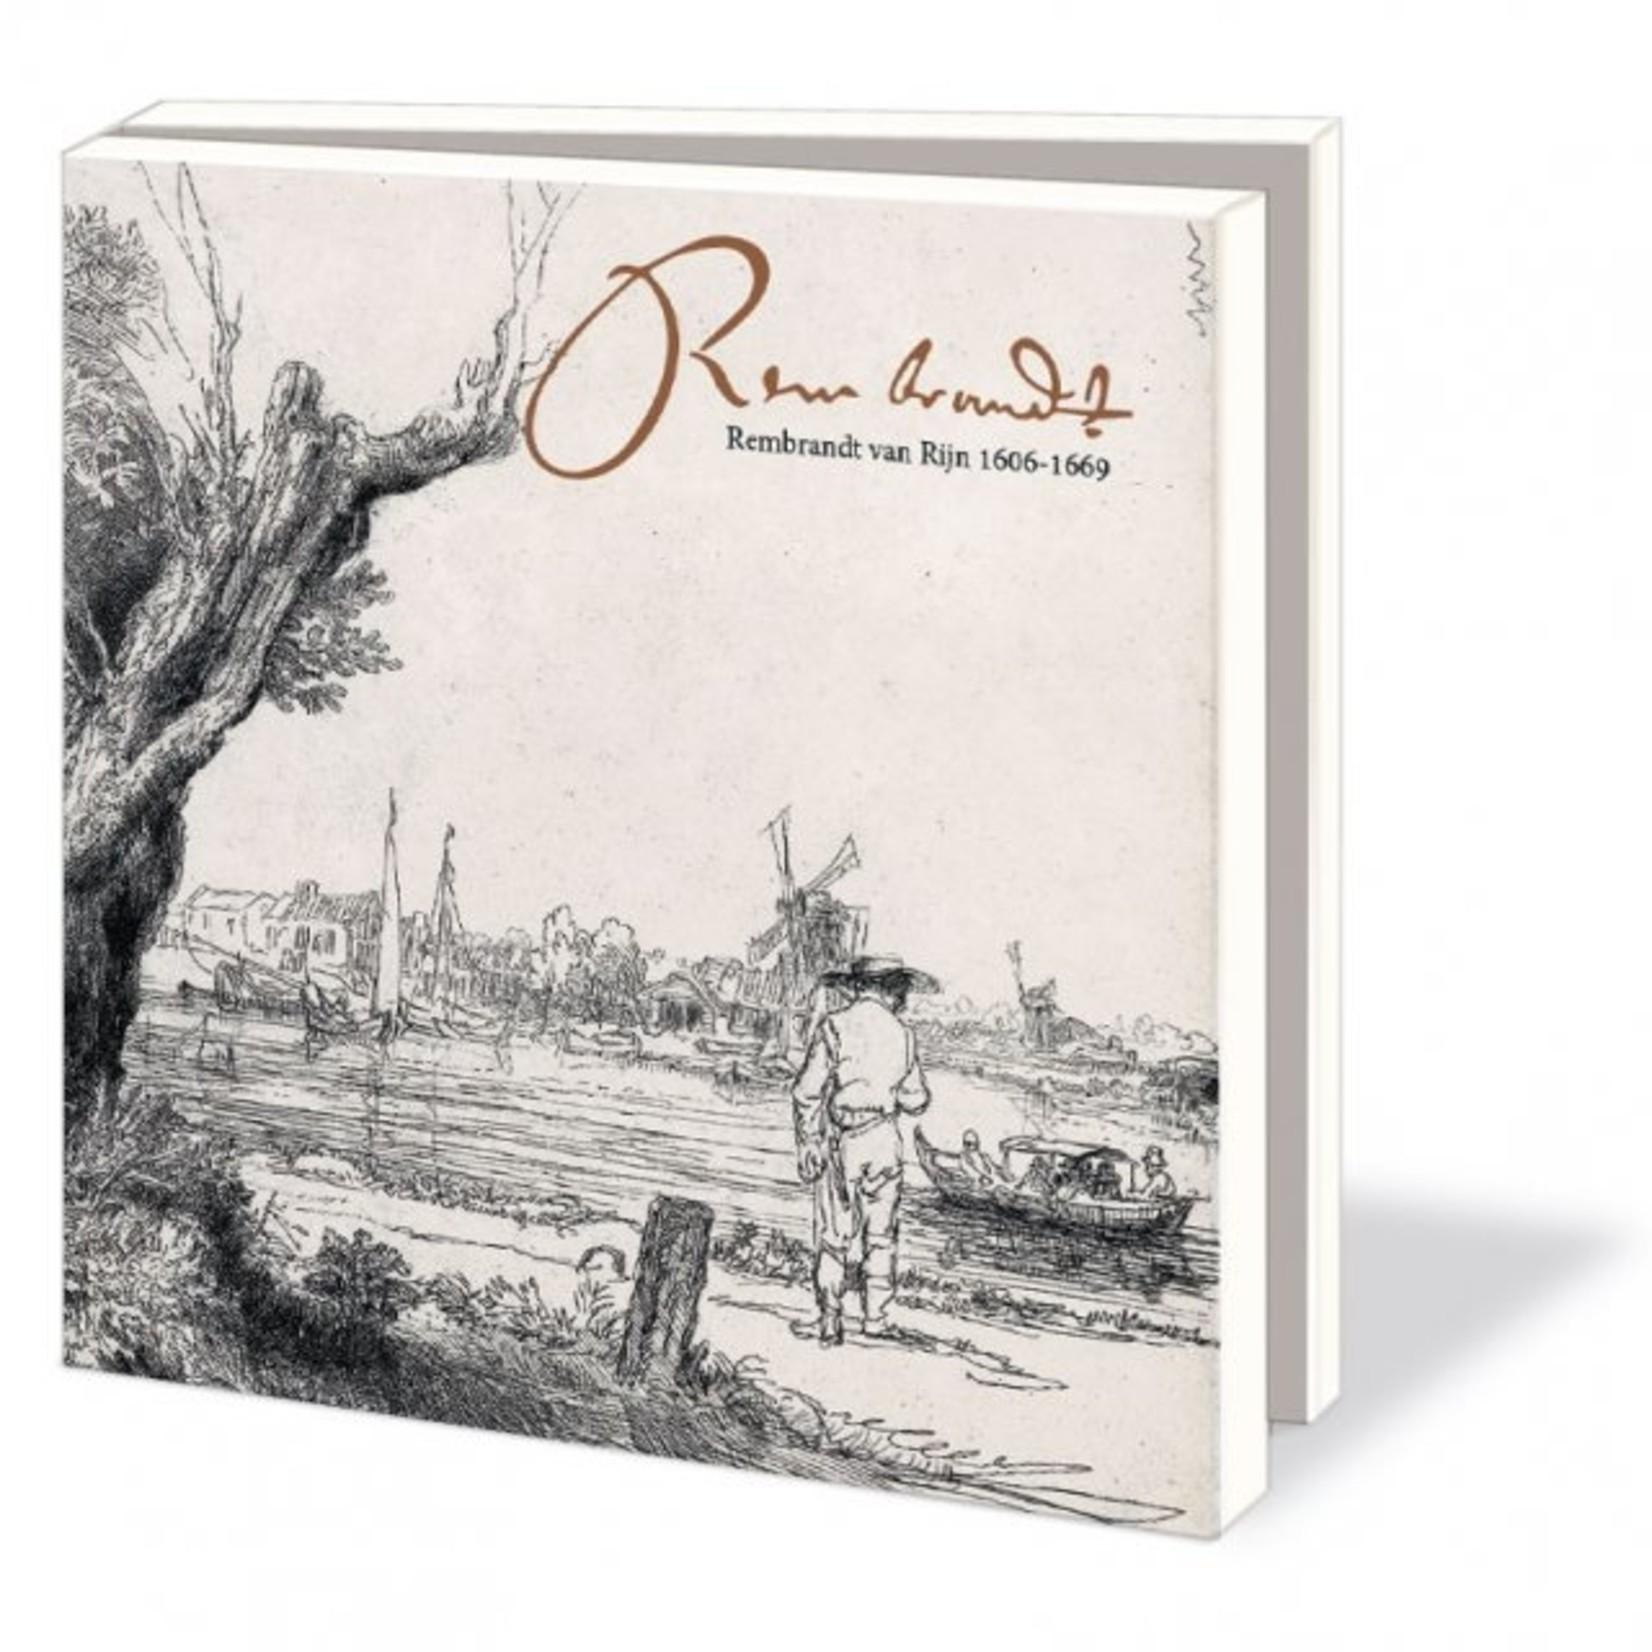 Bekking & Blitz Kaartenmap: Rembrandt van Rijn